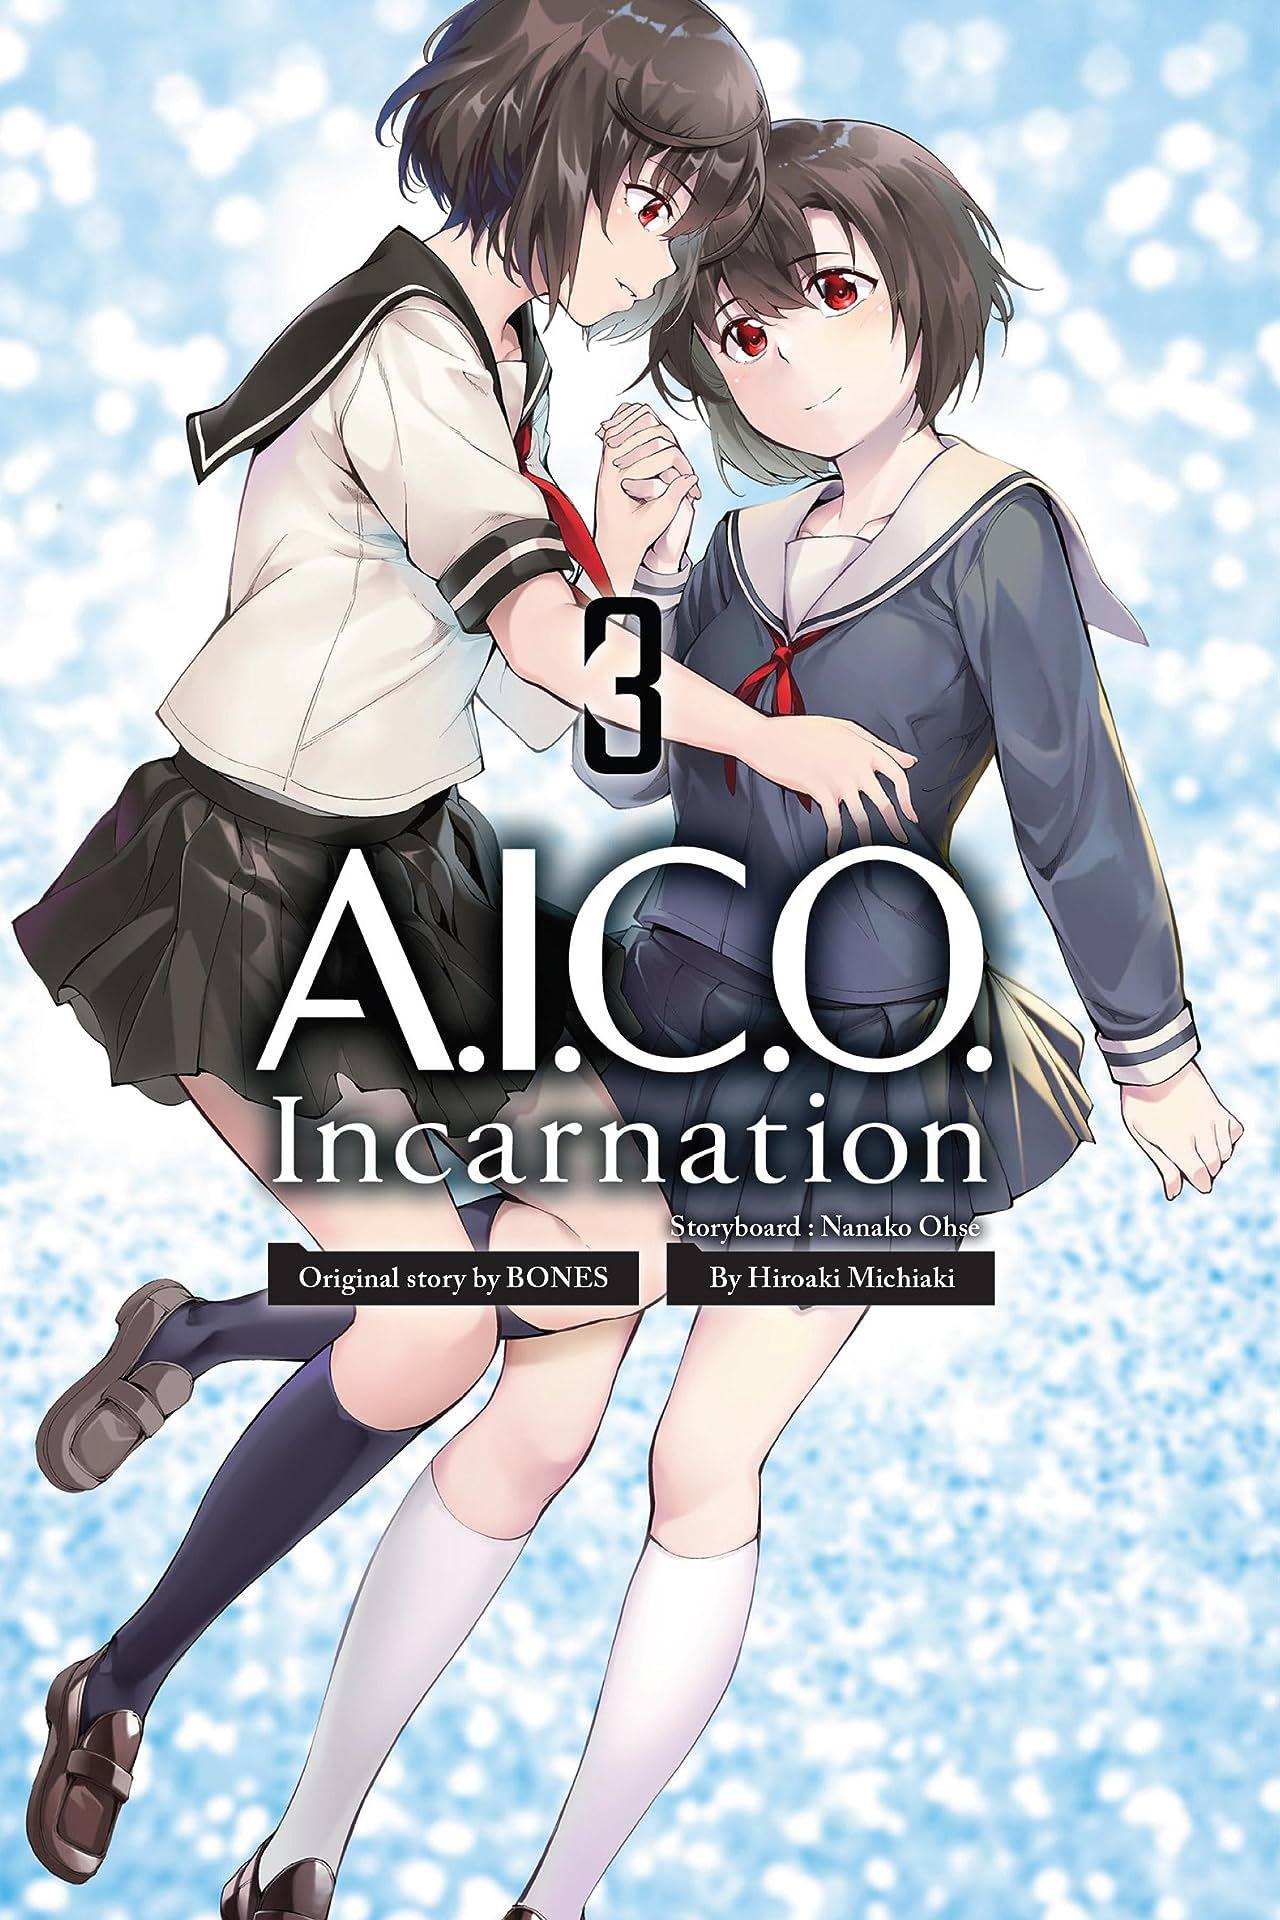 A.I.C.O. Incarnation Vol. 3